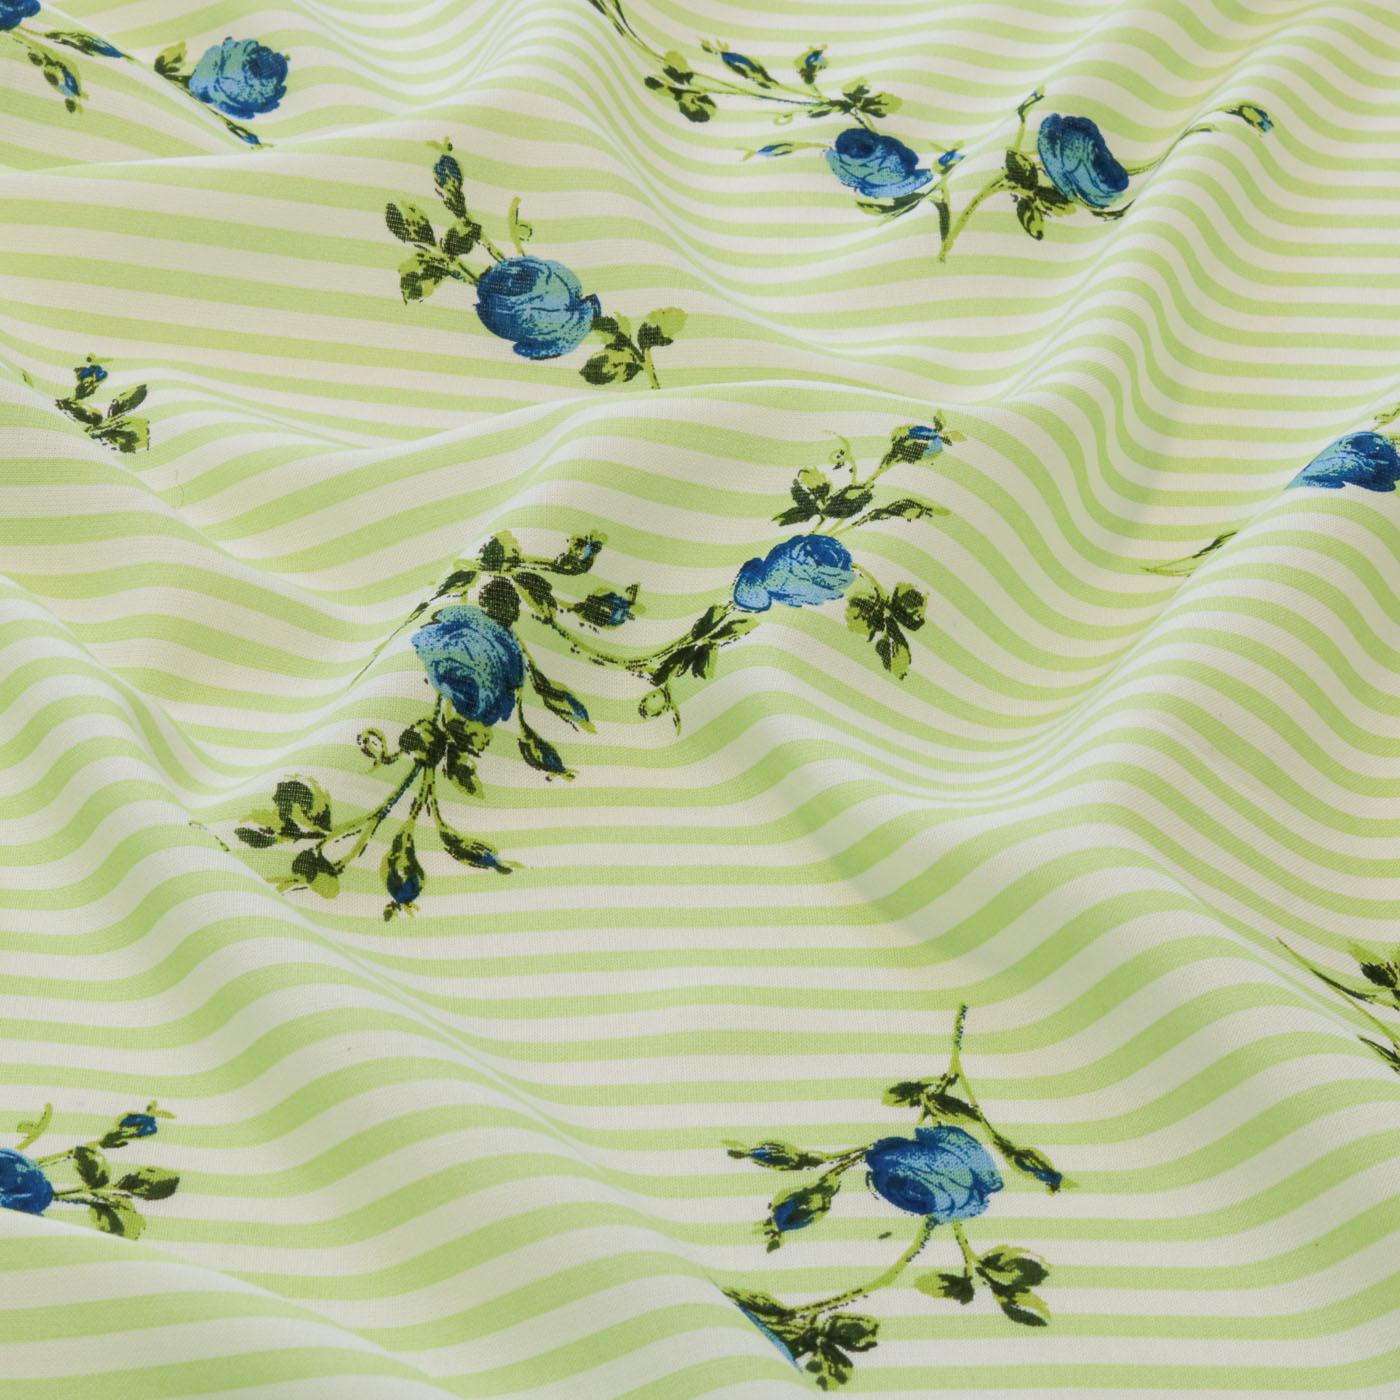 Tecido Viscose Estampado Listrado Flores 100% Viscose Verde Limão